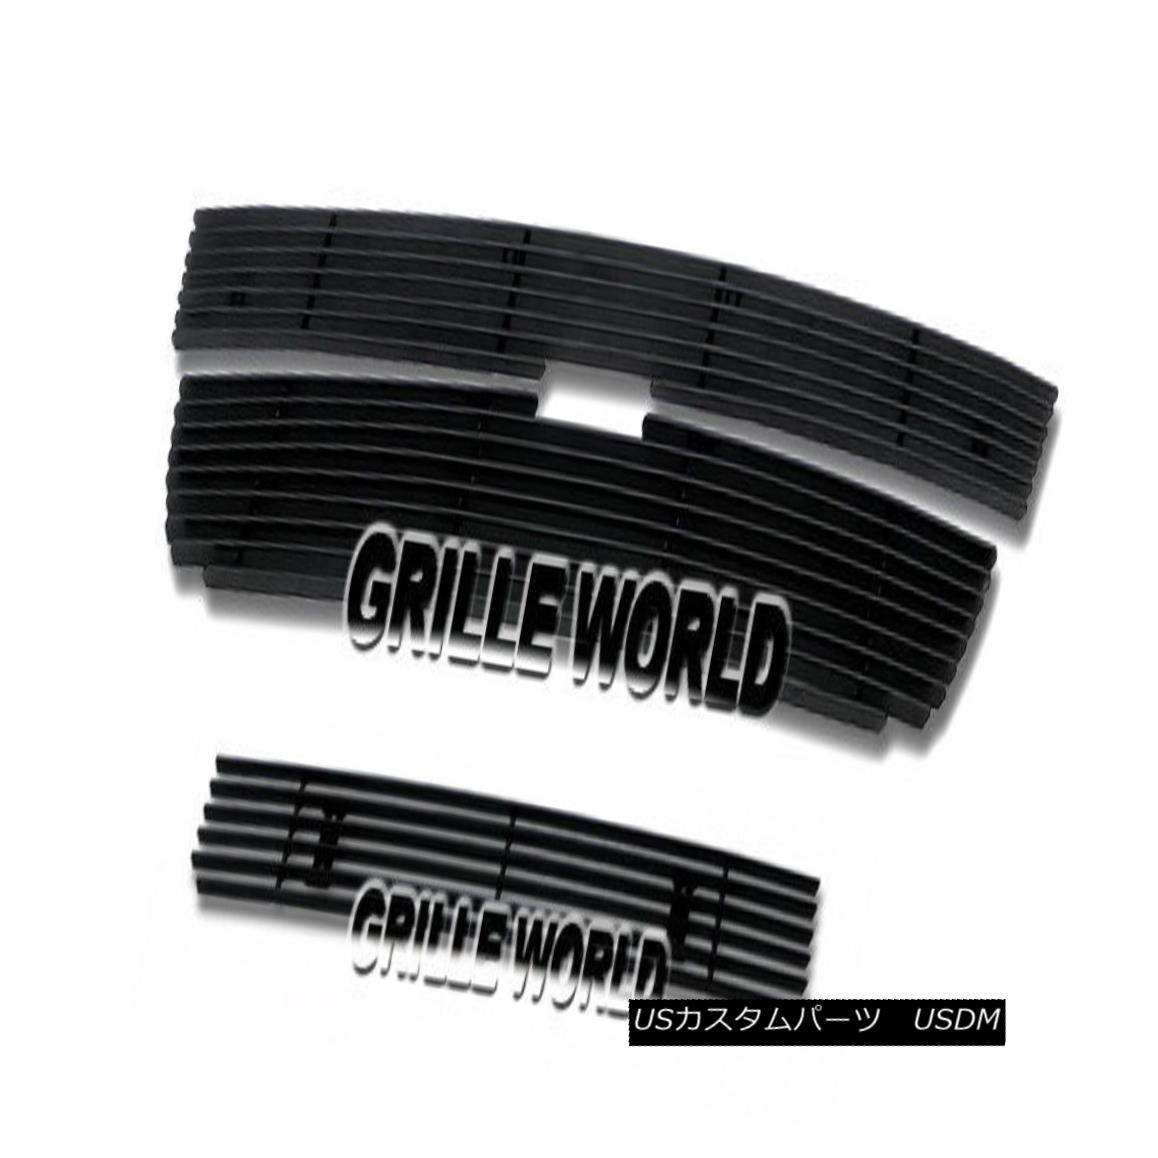 グリル For 04-11 2011 Chevy Colorado Black Billet Premium Grille Combo Insert 04-11 2011シボレーコロラドブラックビレットプレミアムグリルコンボインサート